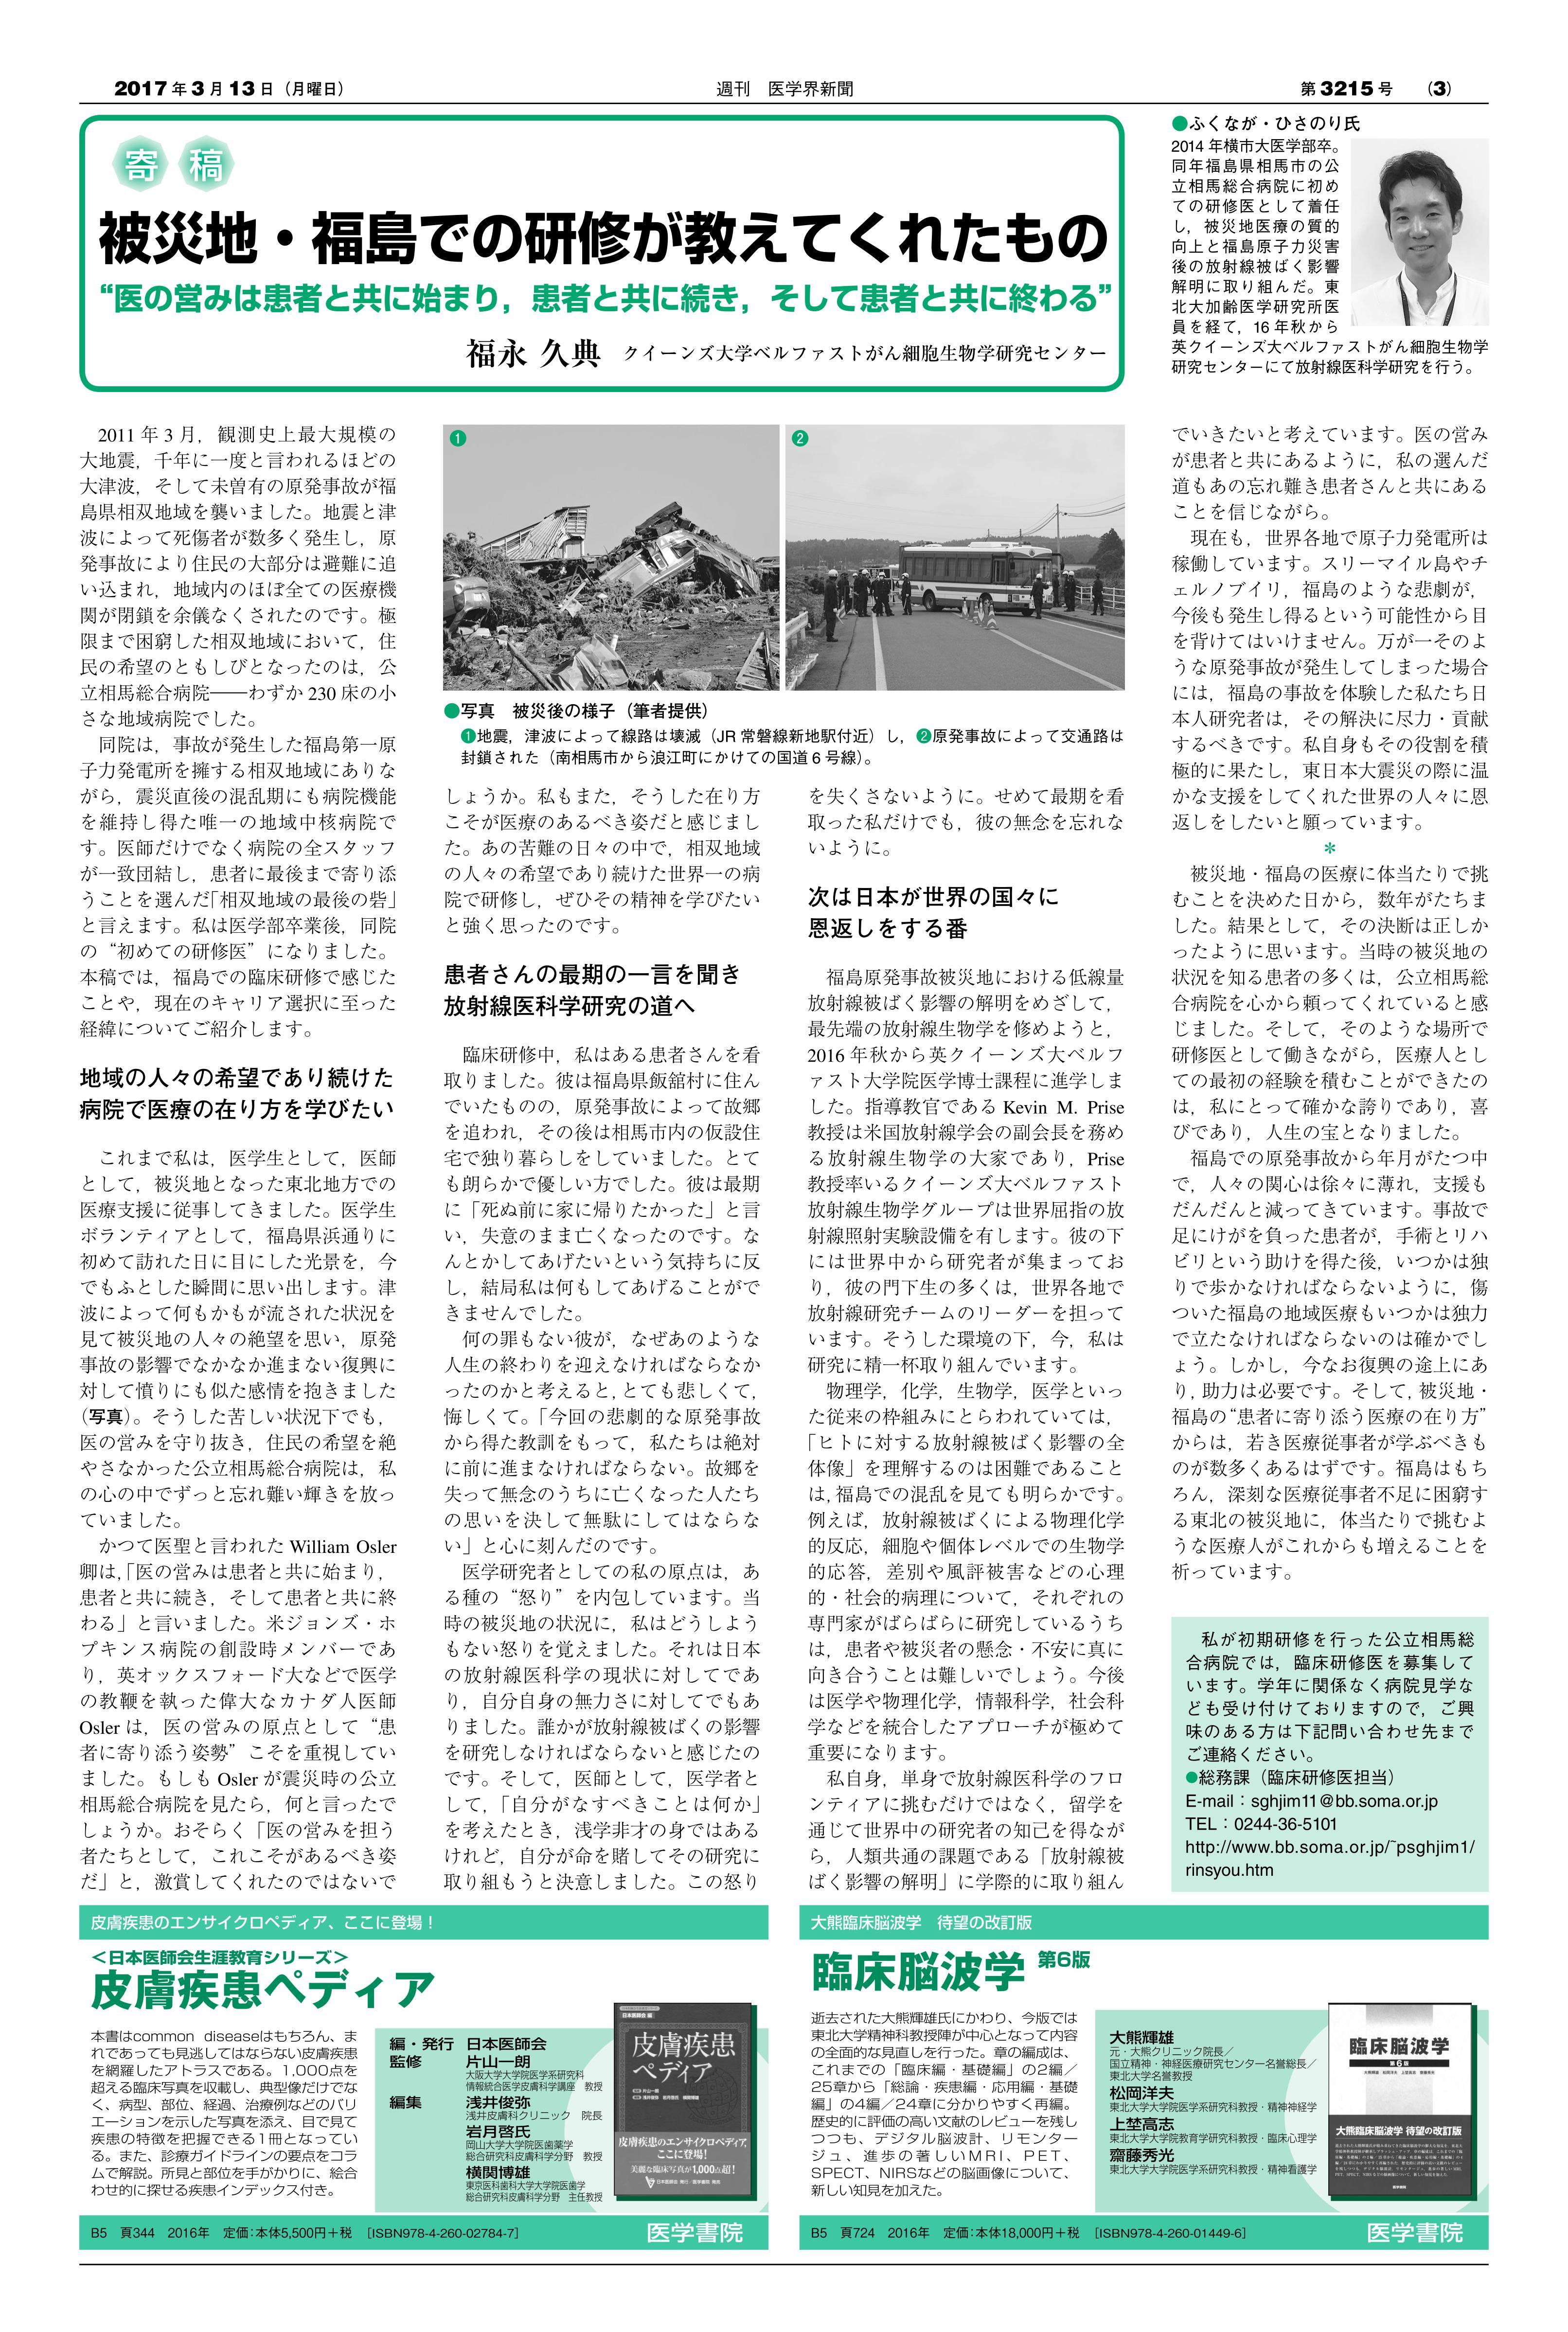 「週間 医学界新聞」第3215号 2017年3月13日